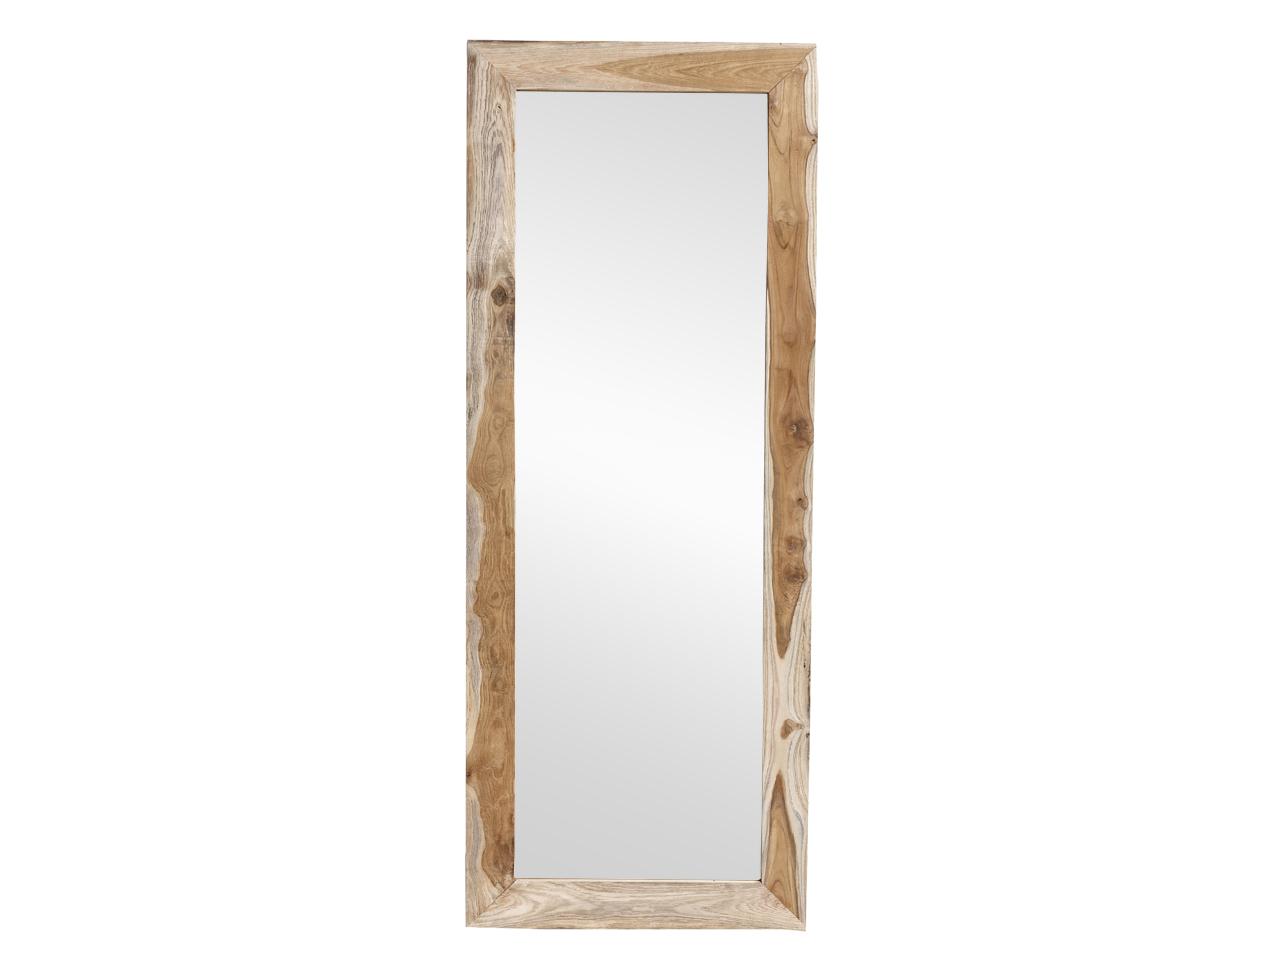 Зеркало NATURAНастенные зеркала<br>Зеркало обрамлено массивной рамой из тикового дерева.&amp;amp;nbsp;<br><br>Material: Тик<br>Ширина см: 70<br>Высота см: 180<br>Глубина см: 3